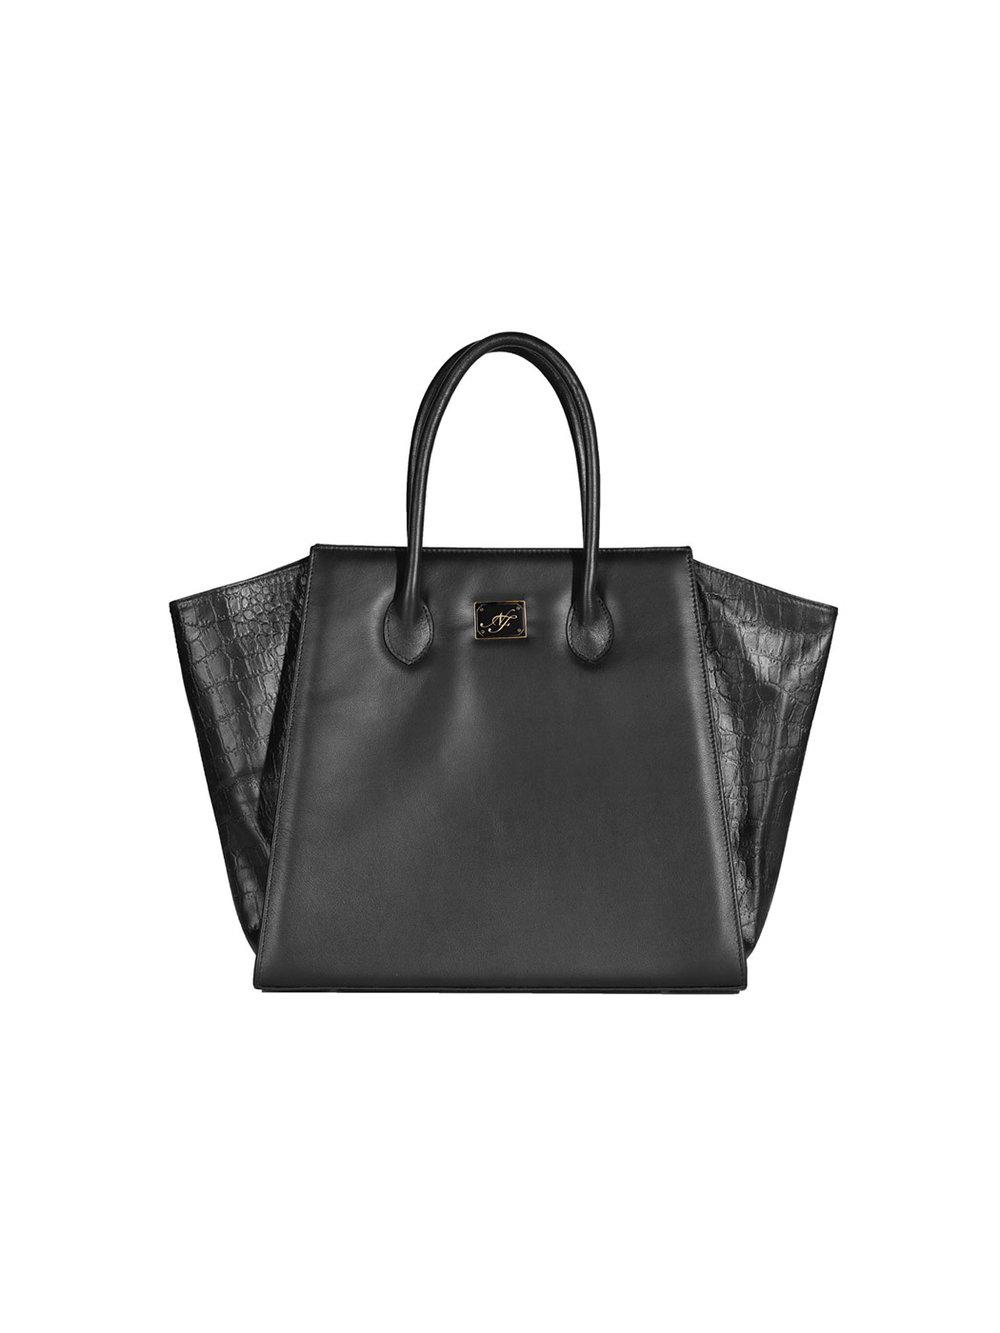 Bolsa Vbag negra grande - $275